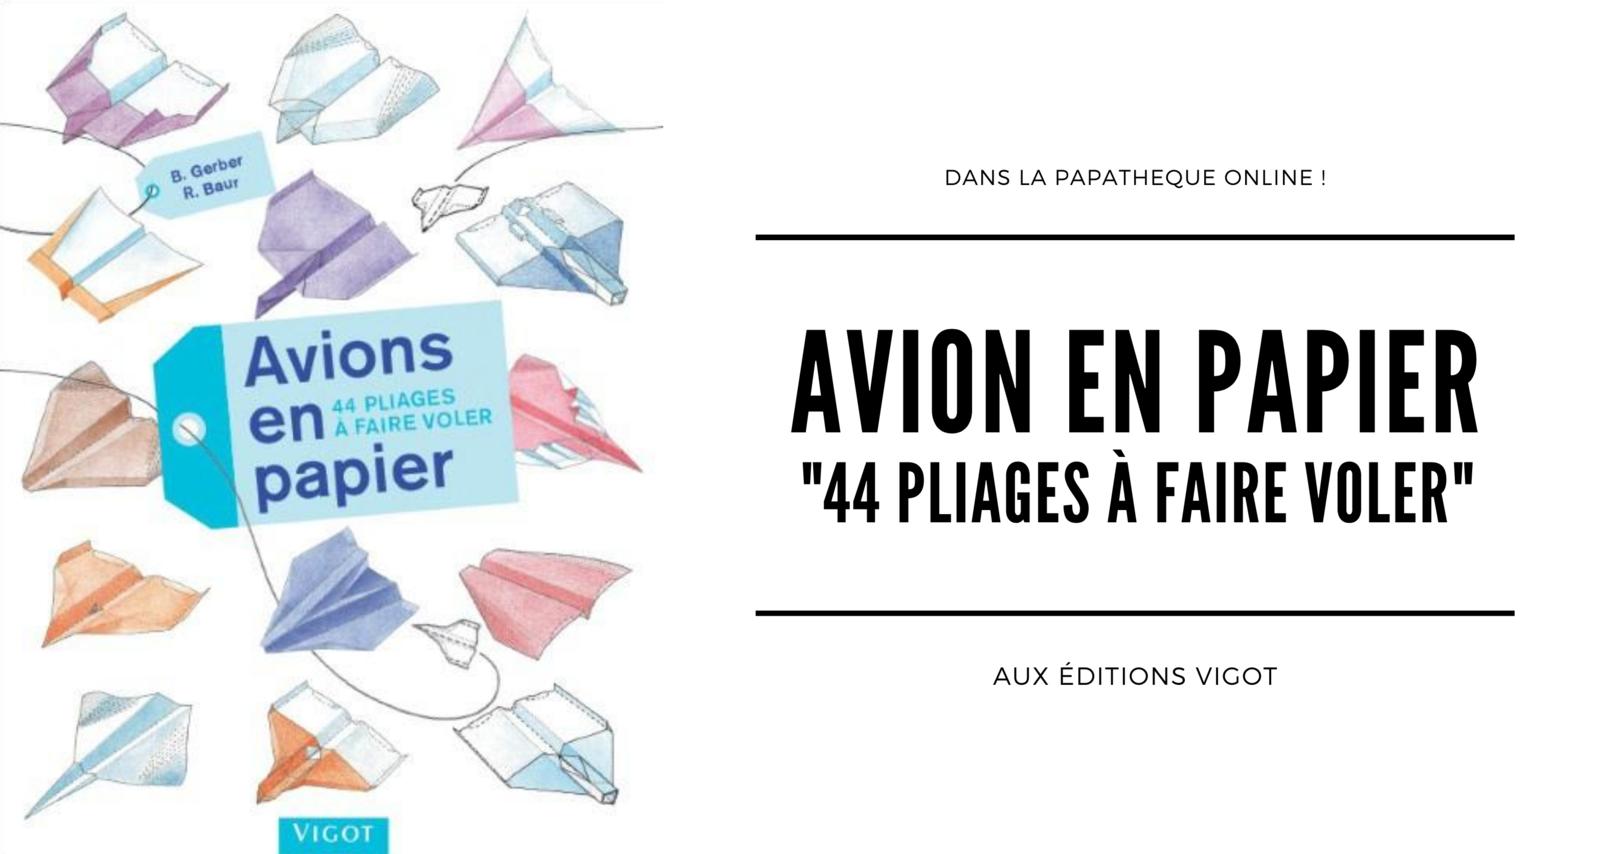 [Papathèque] Lecture : ''Avions en papier - 44 pliages à faire voler'' (éditions Vigot)